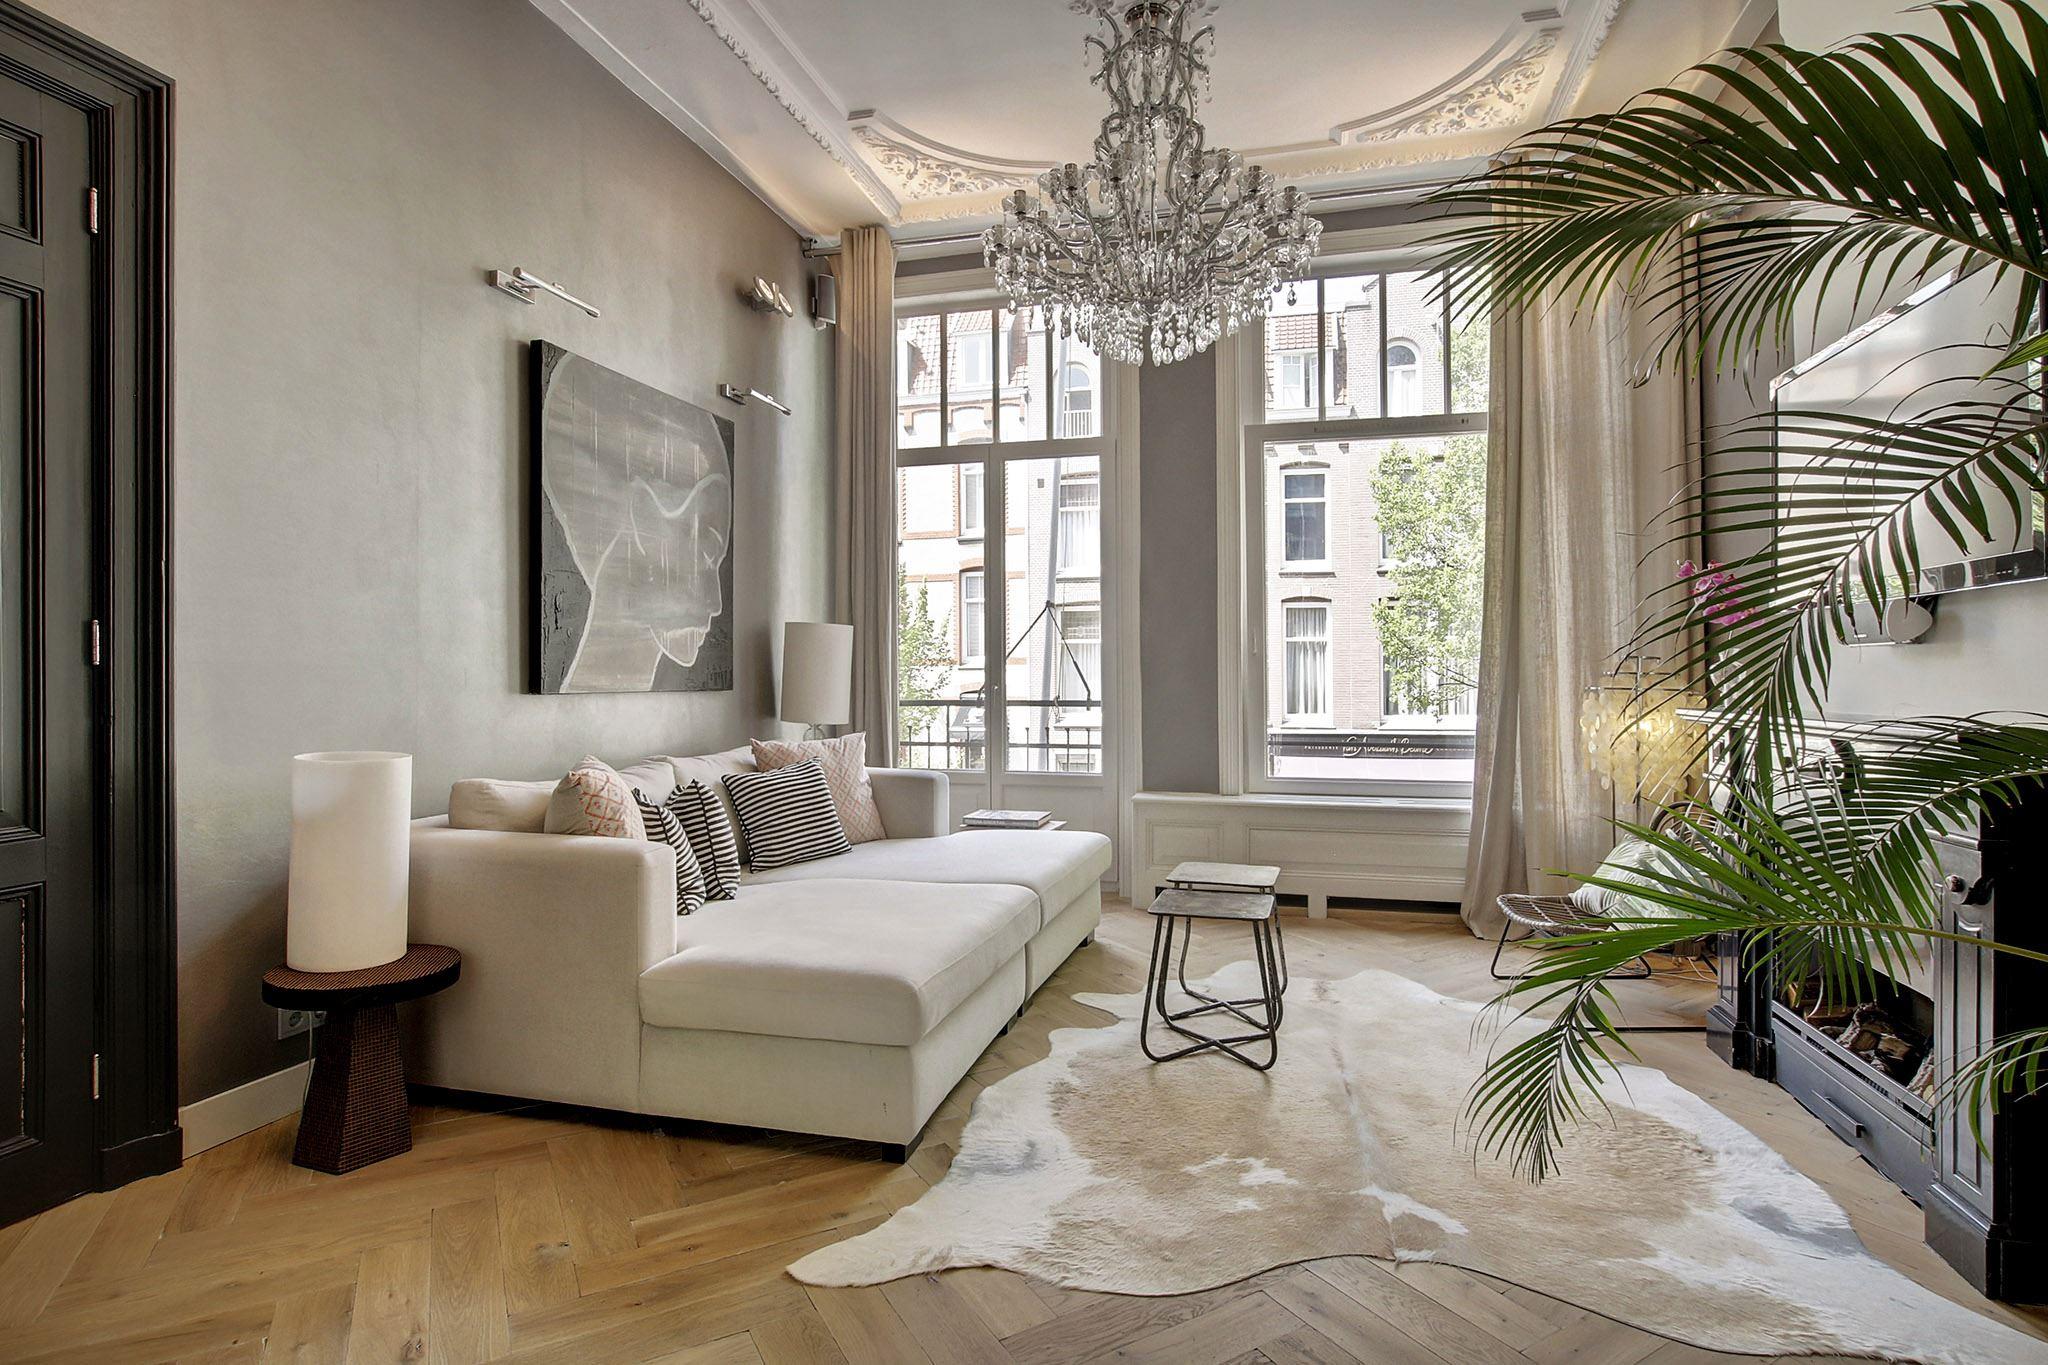 серые стены светлый паркет елочка камин большие окна лепнина бежевый диван подушки